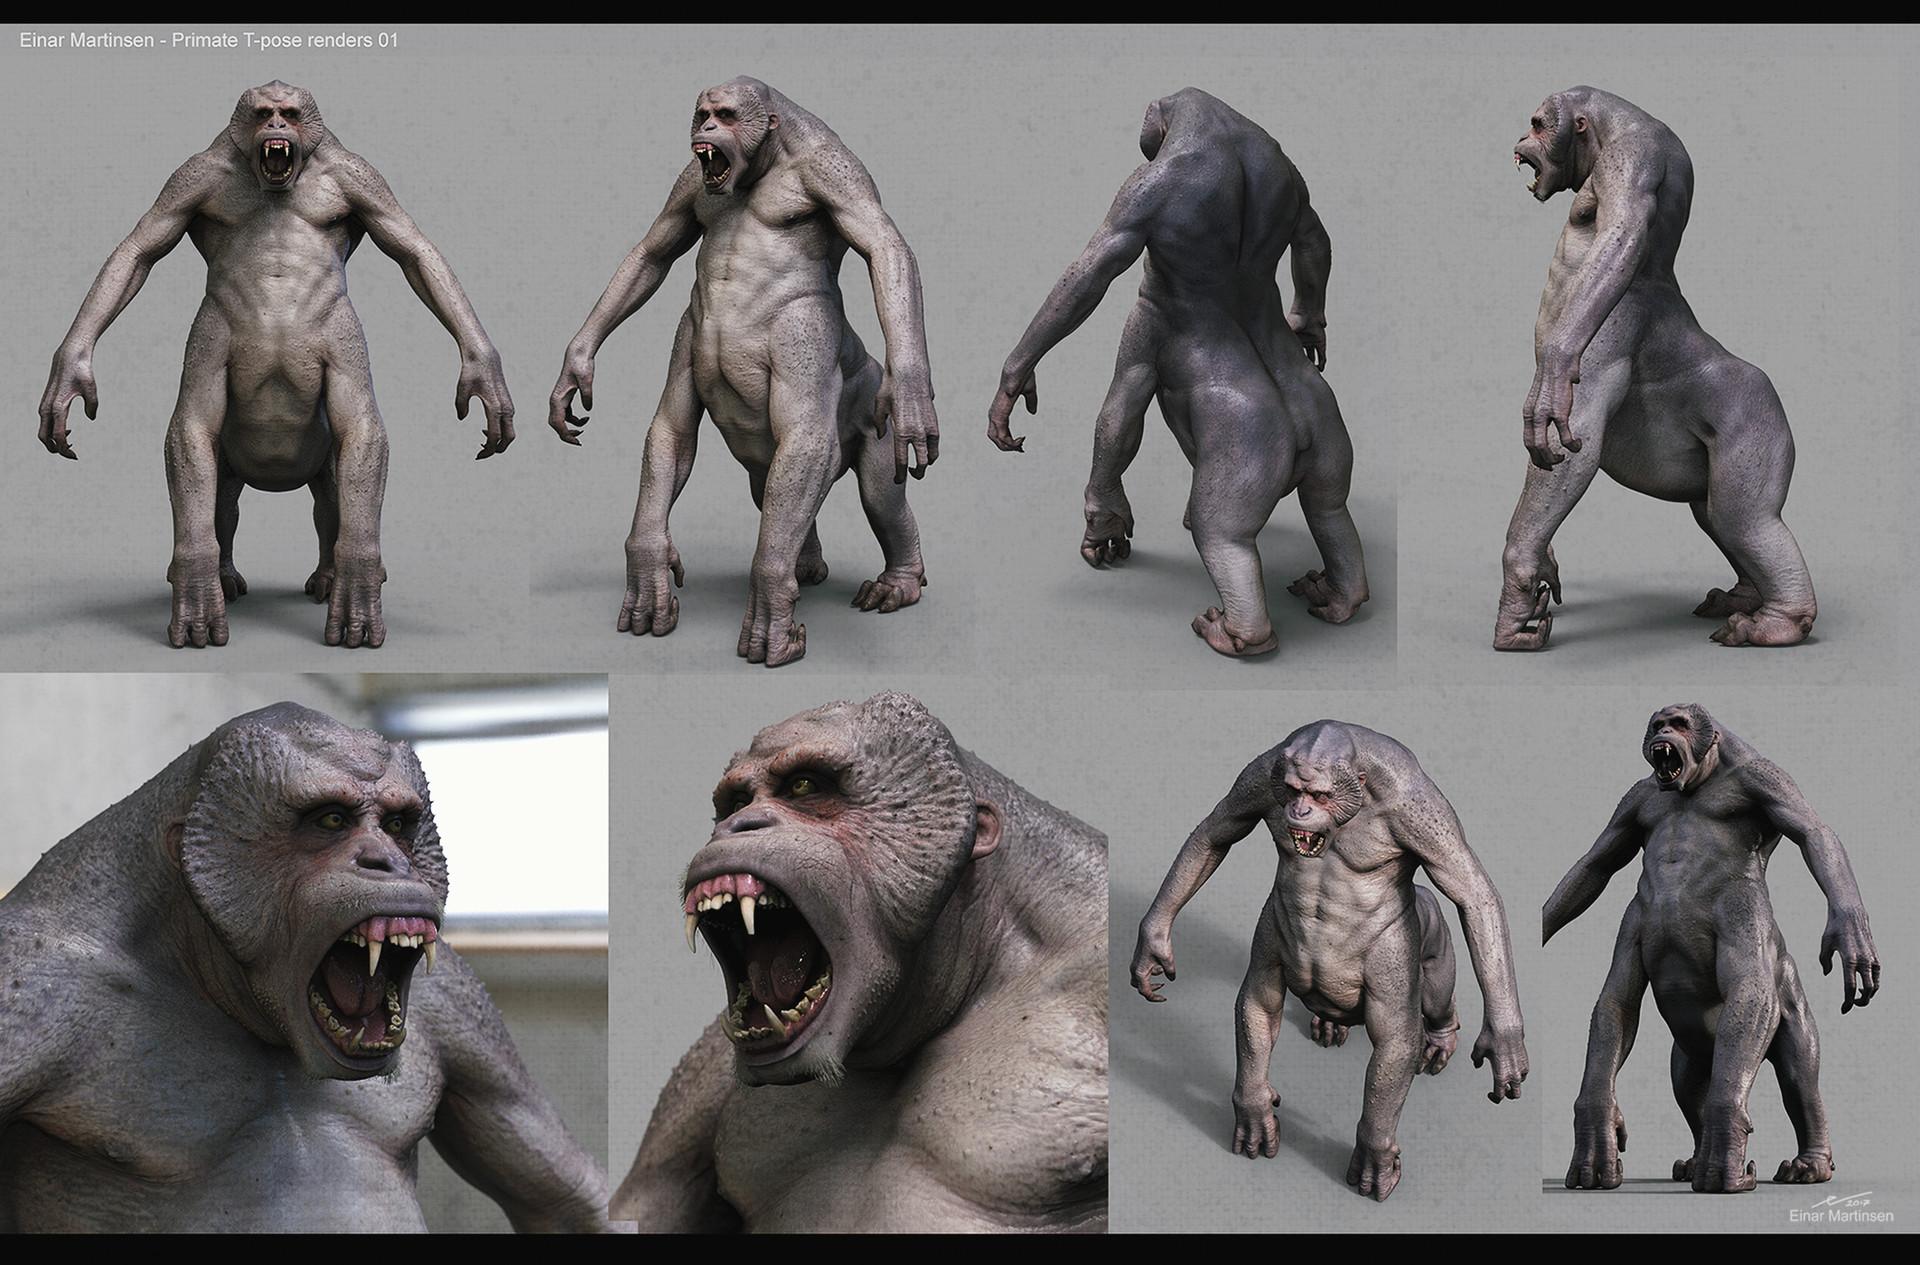 Einar martinsen week 07 jm course einarmartinsen primate renders 01